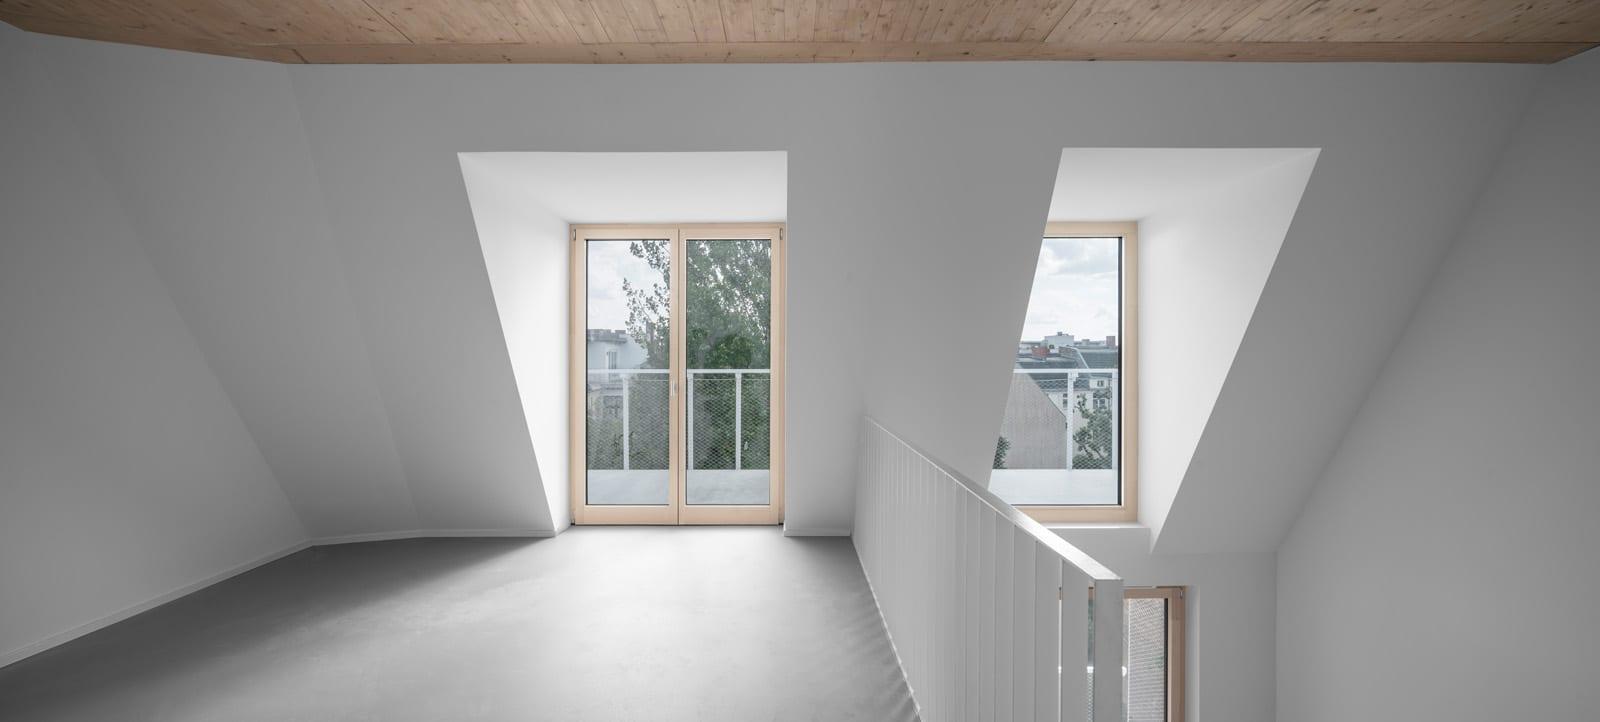 Bodentiefe Holz-Aluminium-Fenster in einer Maisonnette-Wohnung (Foto: Gui Rebelo)